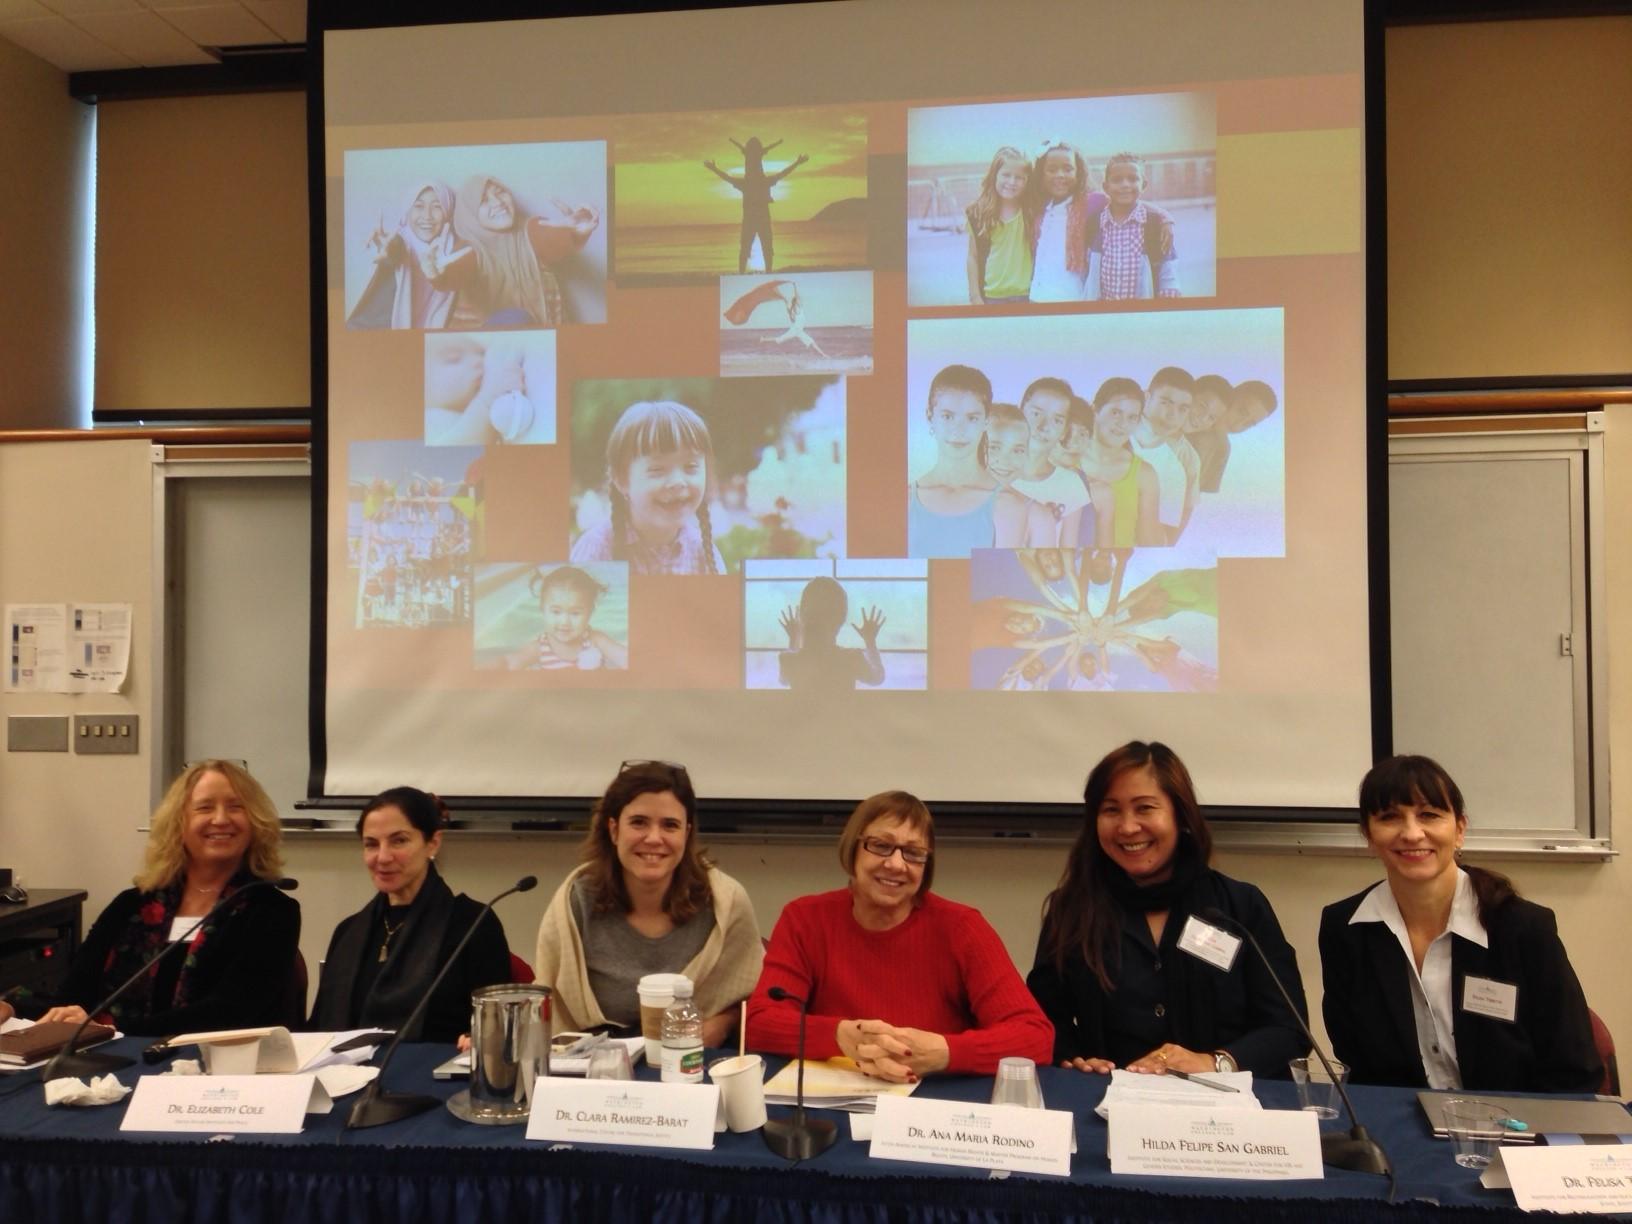 ICTJ panel